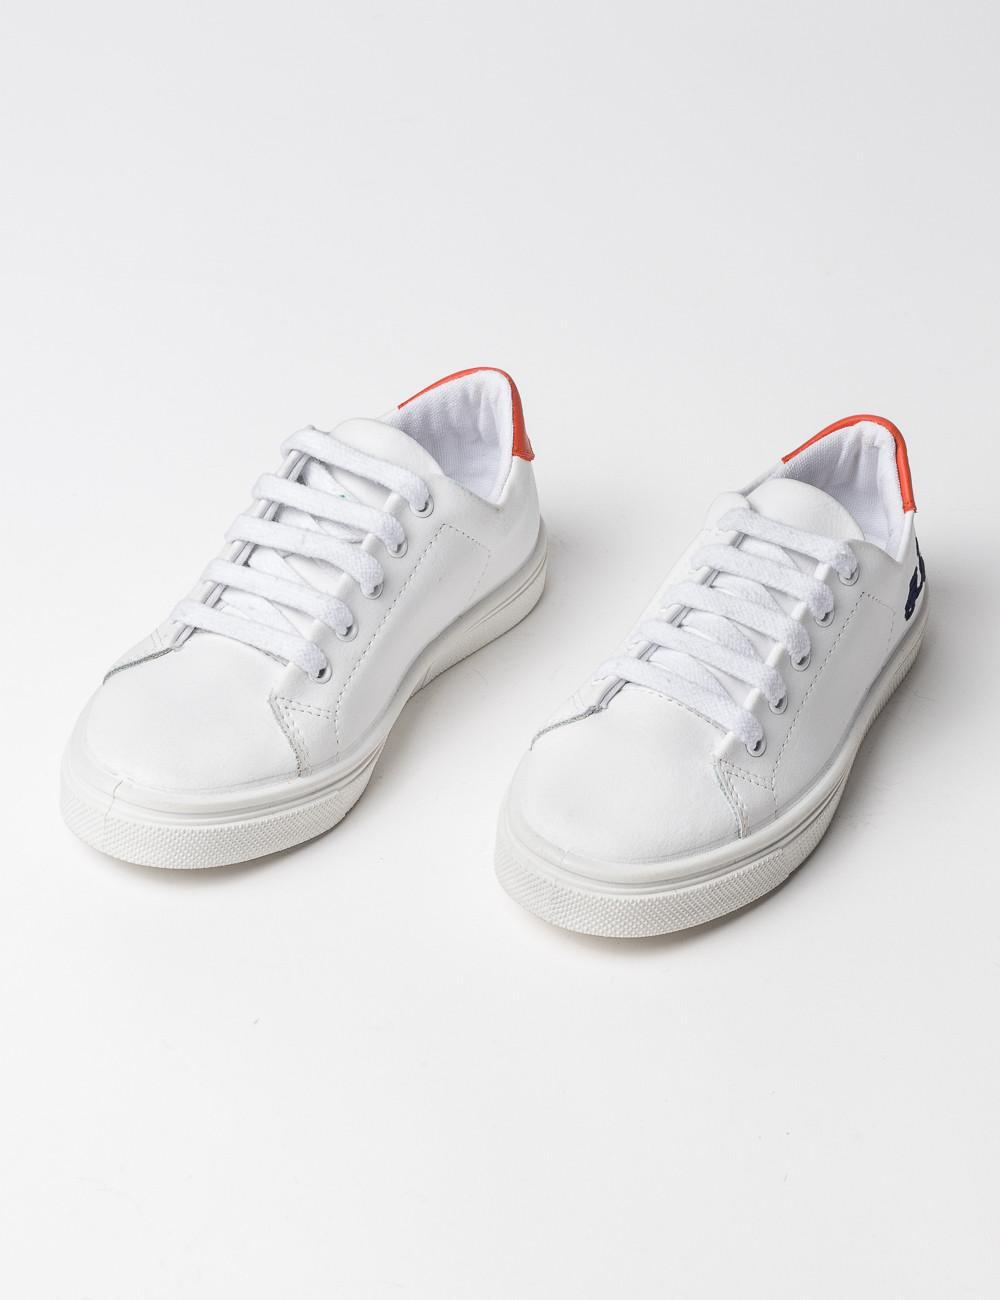 Zapatilla de piel en color blanco de la marca Scotta